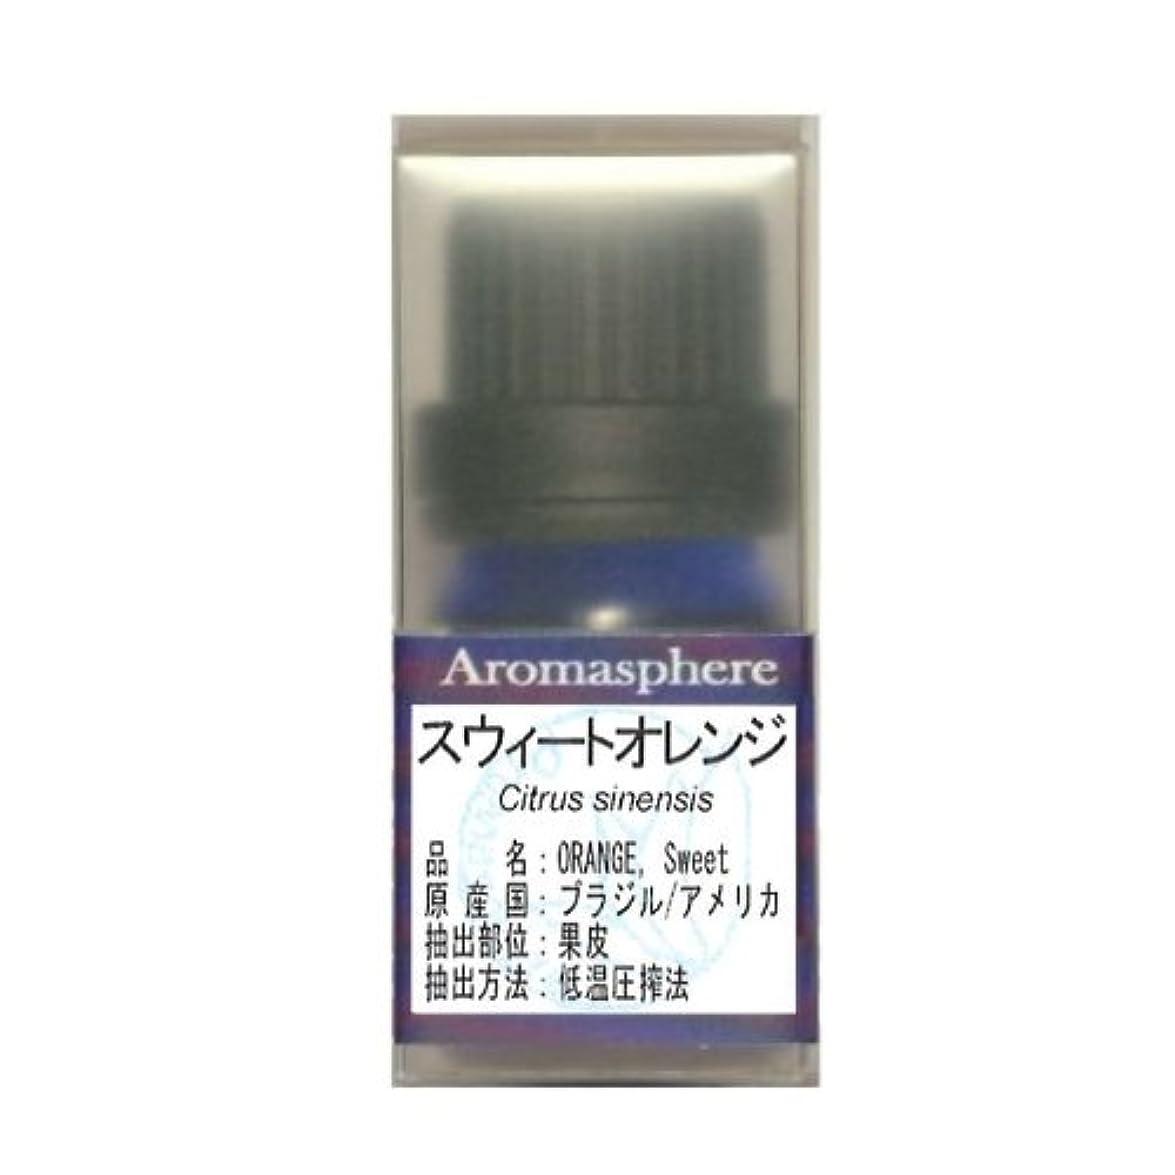 列車神秘端末【アロマスフィア】スウィートオレンジ 5ml エッセンシャルオイル(精油)